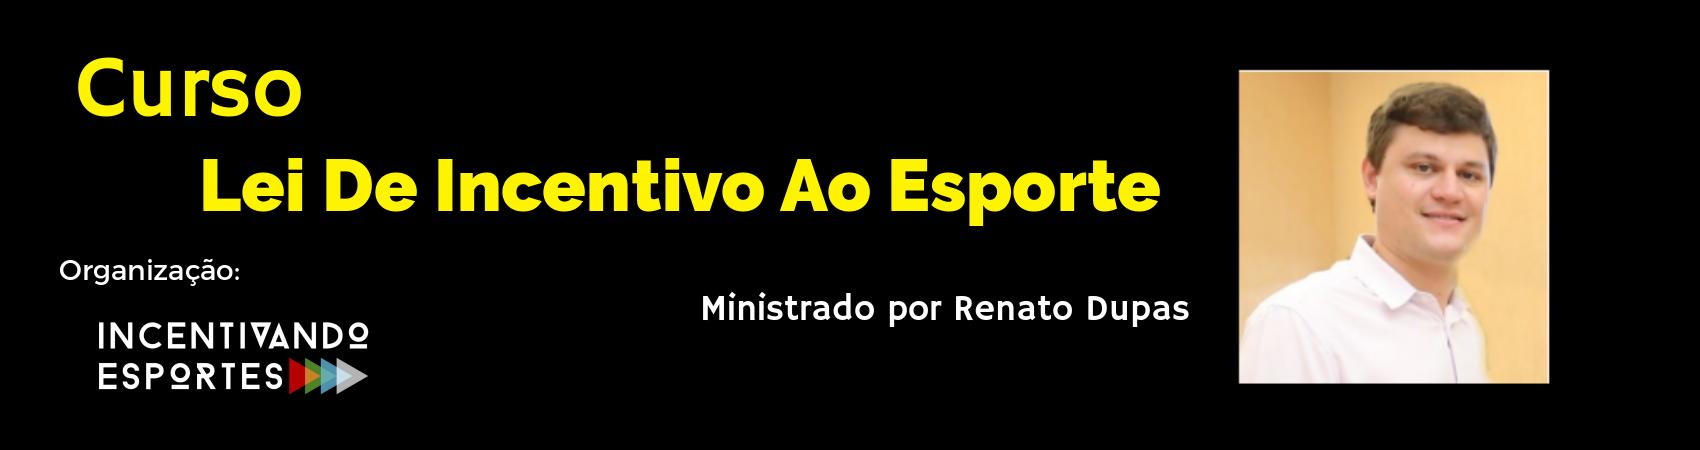 CURSO DE LEI DE INCENTIVO AO ESPORTE - Imagem de topo